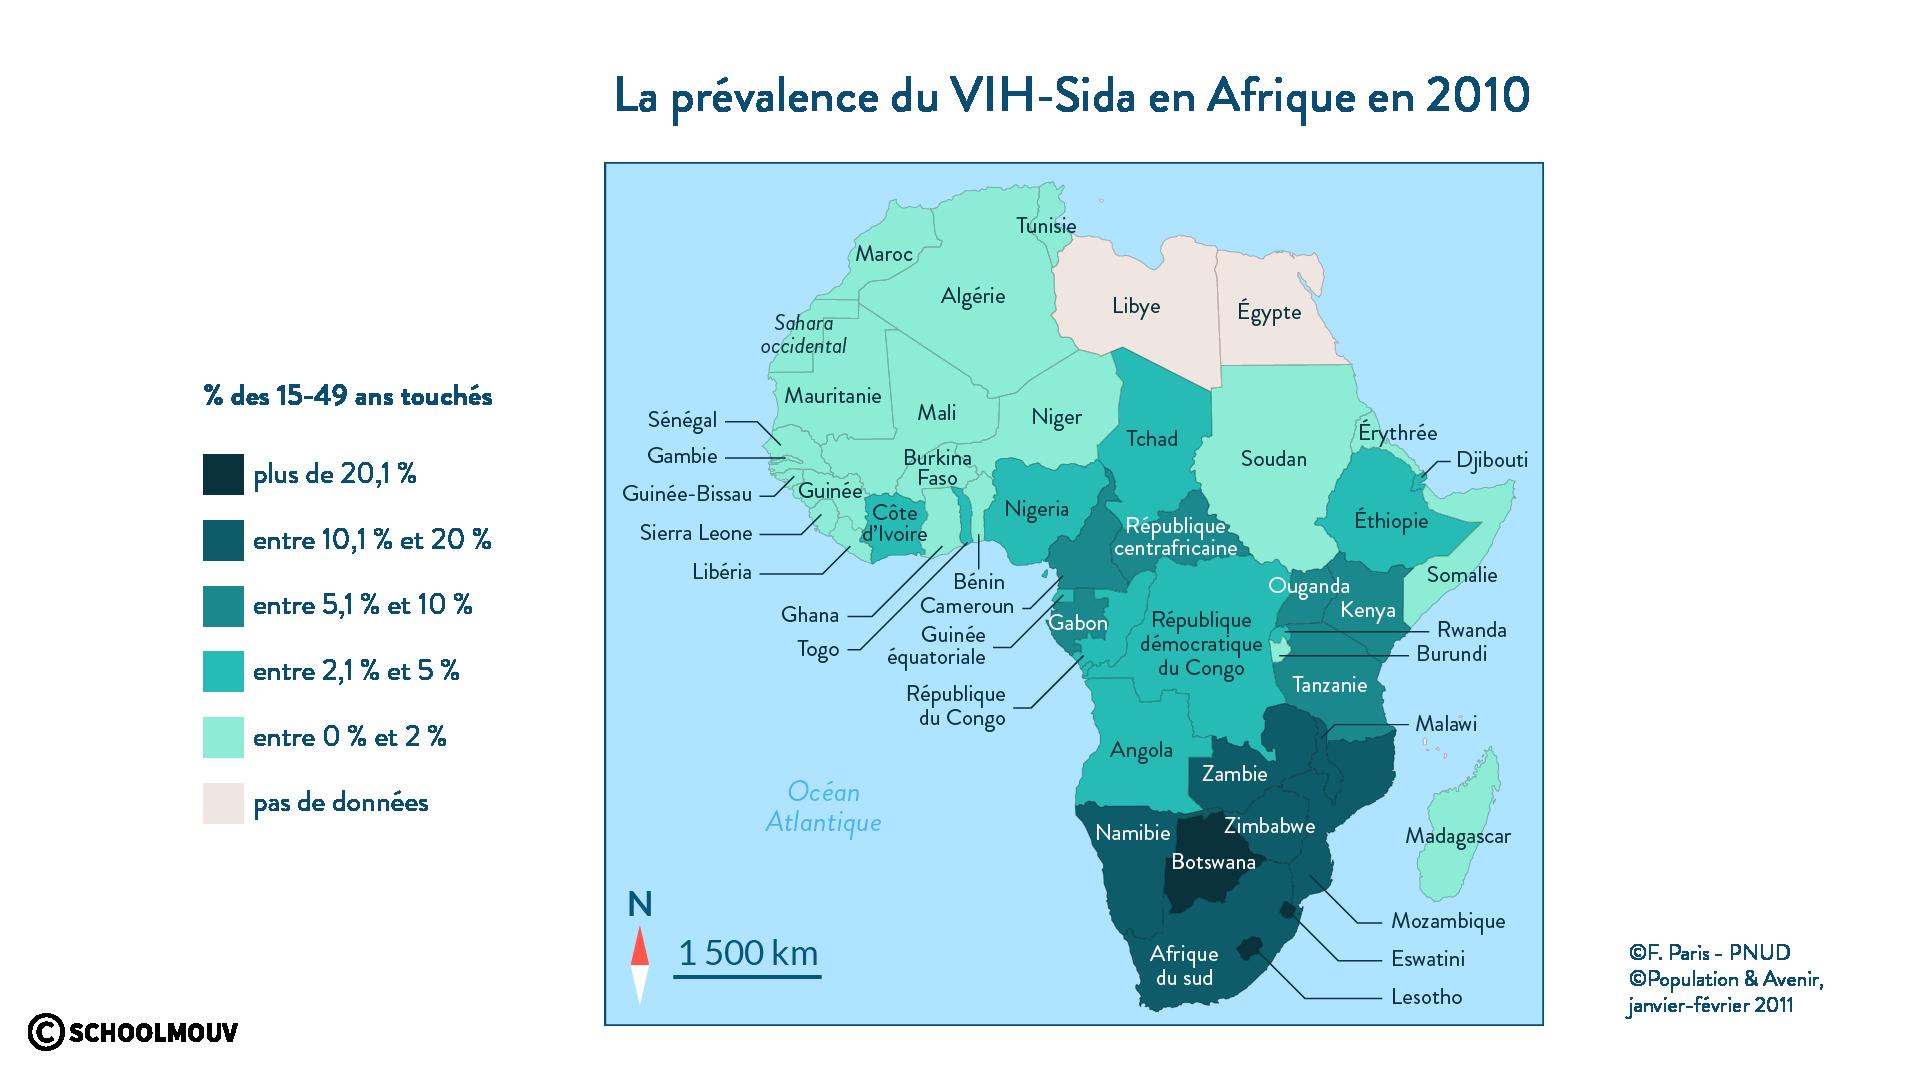 La prévalence du Sida en Afrique - géo - SchoolMouv - 2de